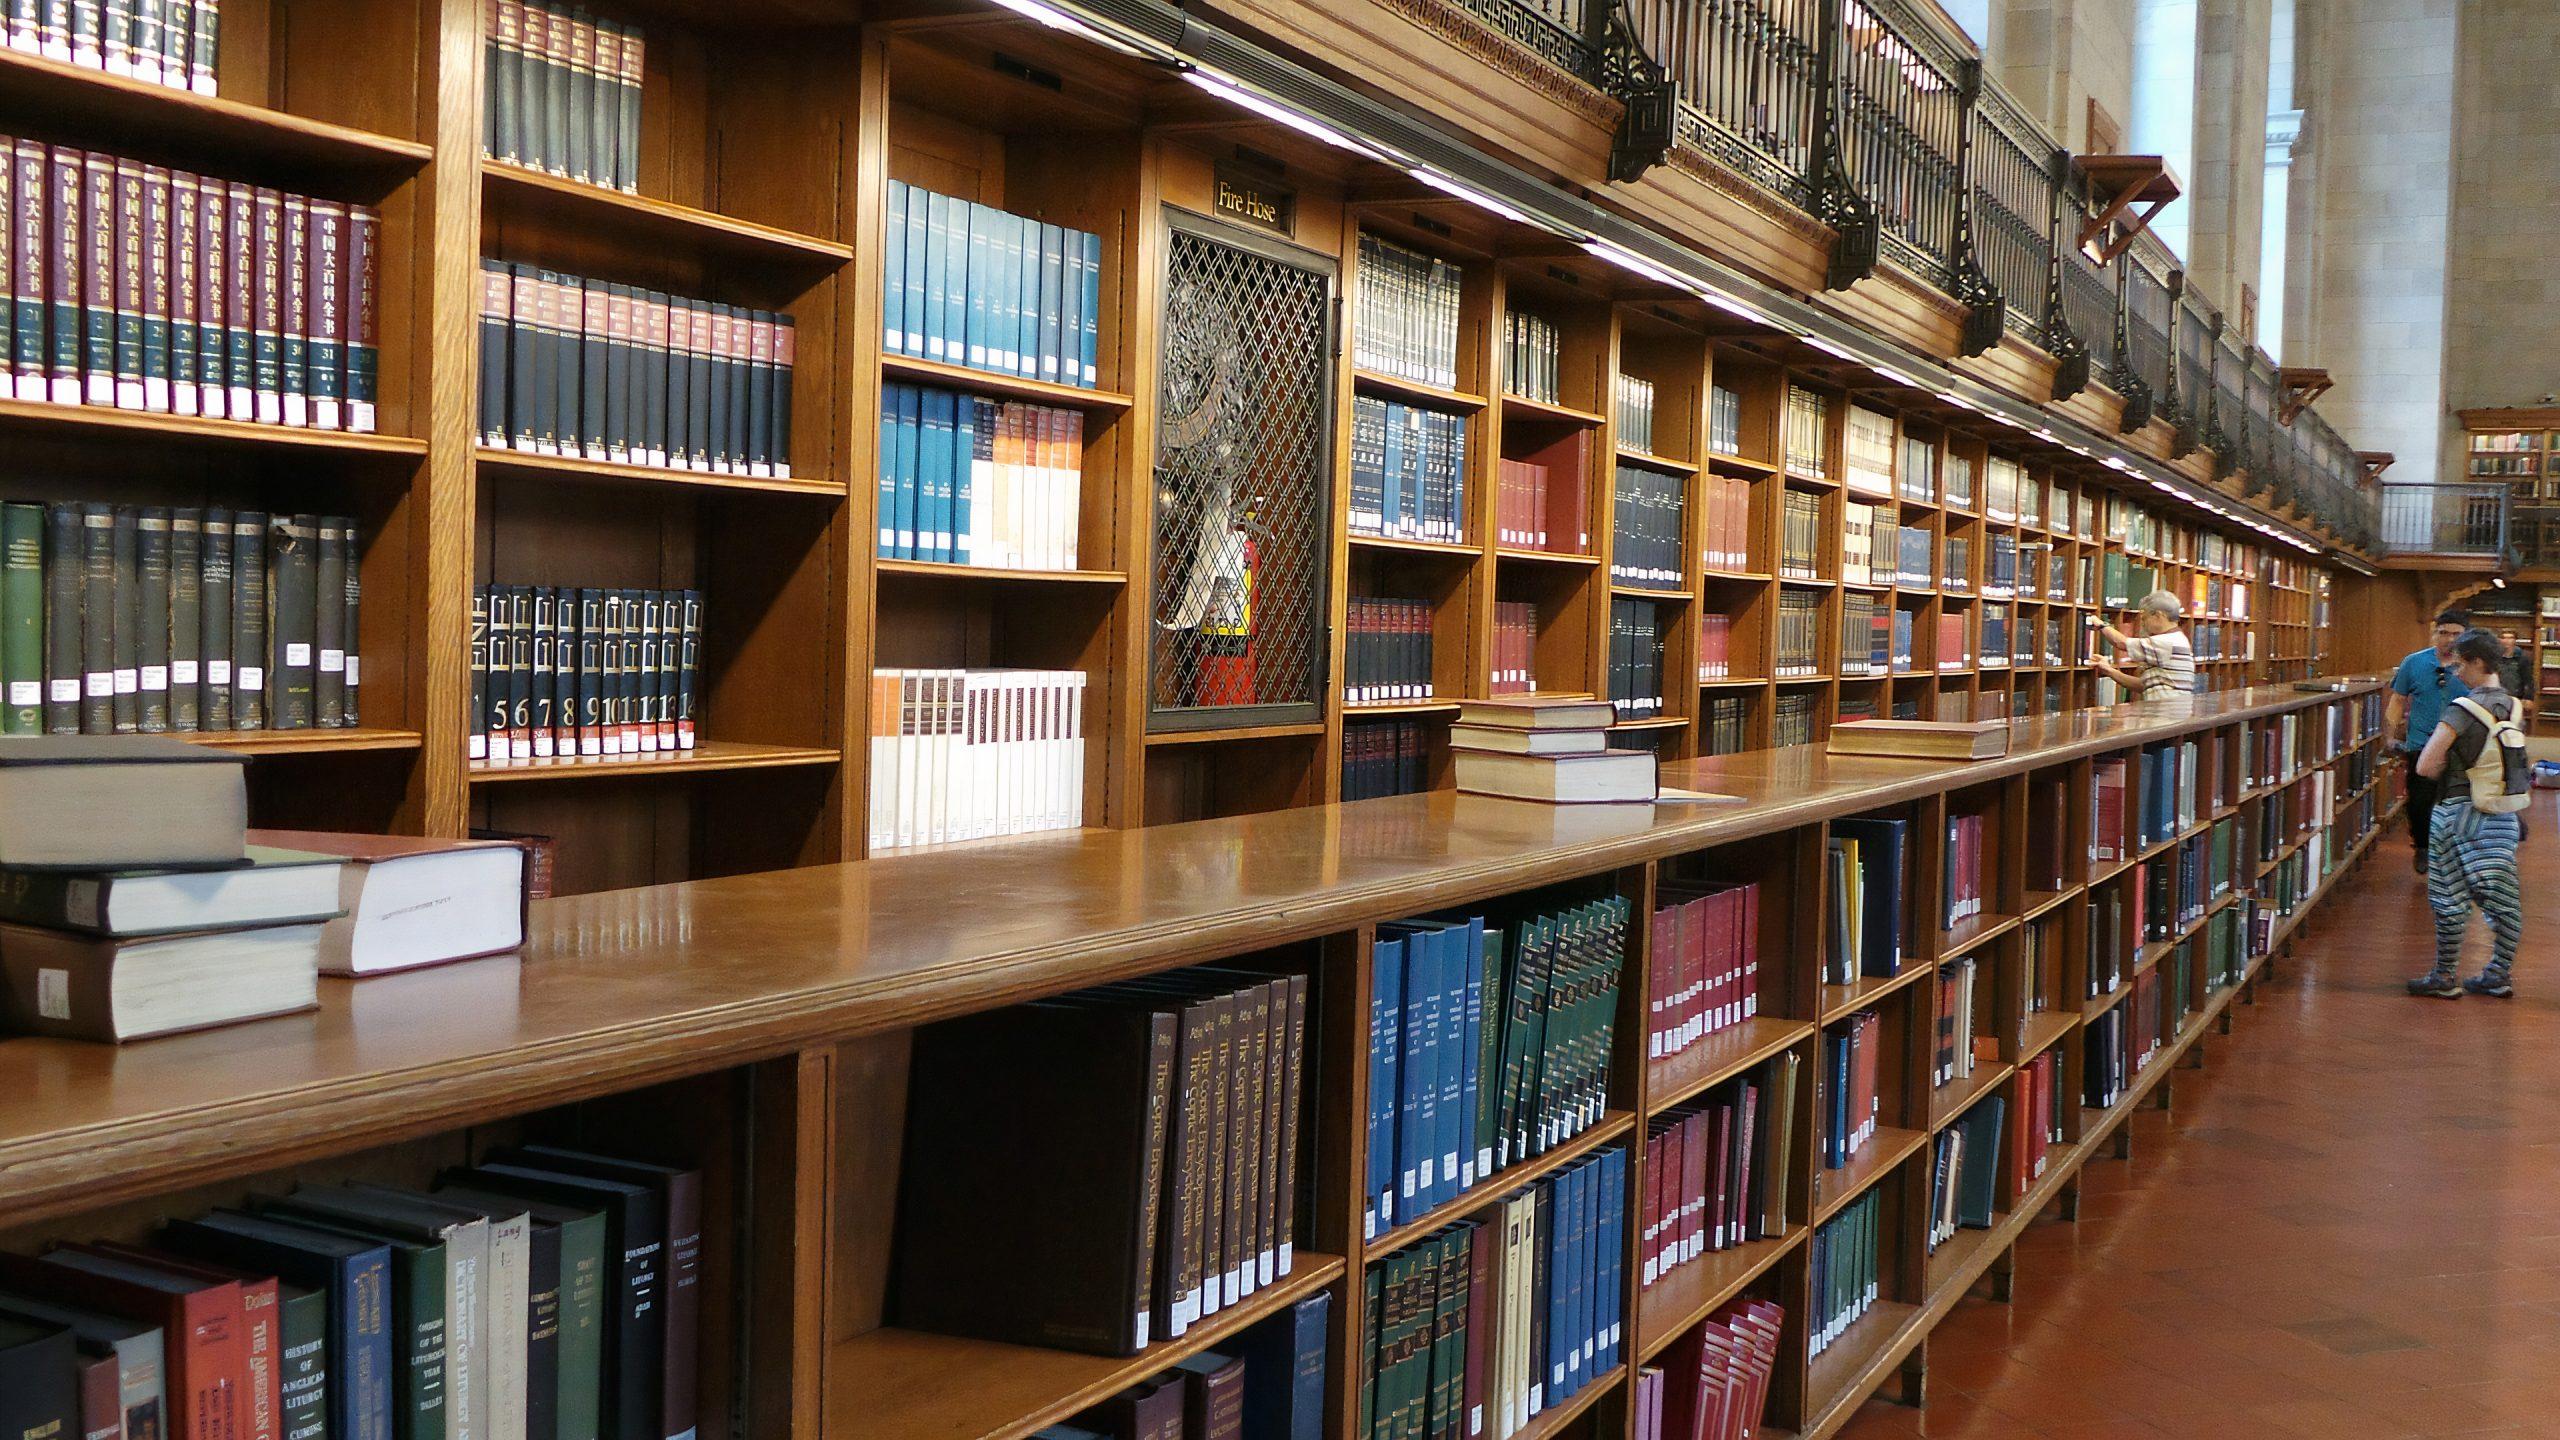 библиотека в США, много английских книг